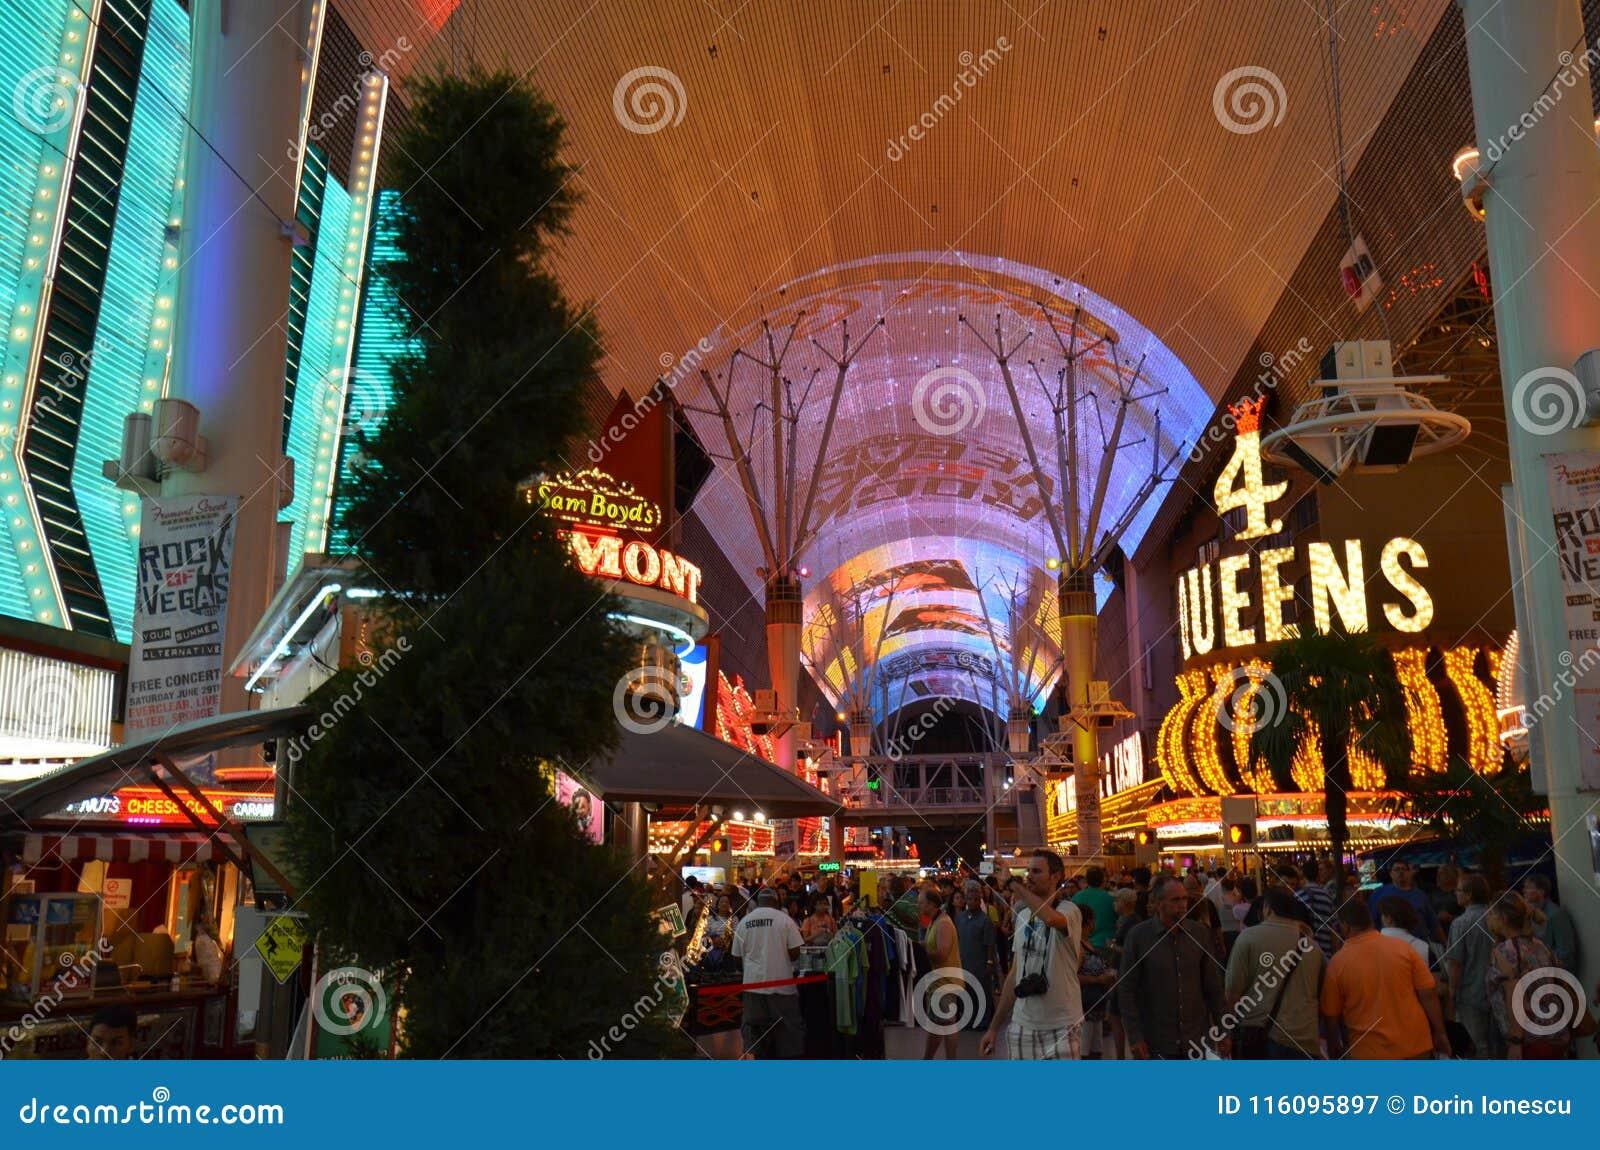 Quattro Queens, hotel di Fremont e casinò, esperienza della via di Fremont, punto di riferimento, città, spazio pubblico, bazar